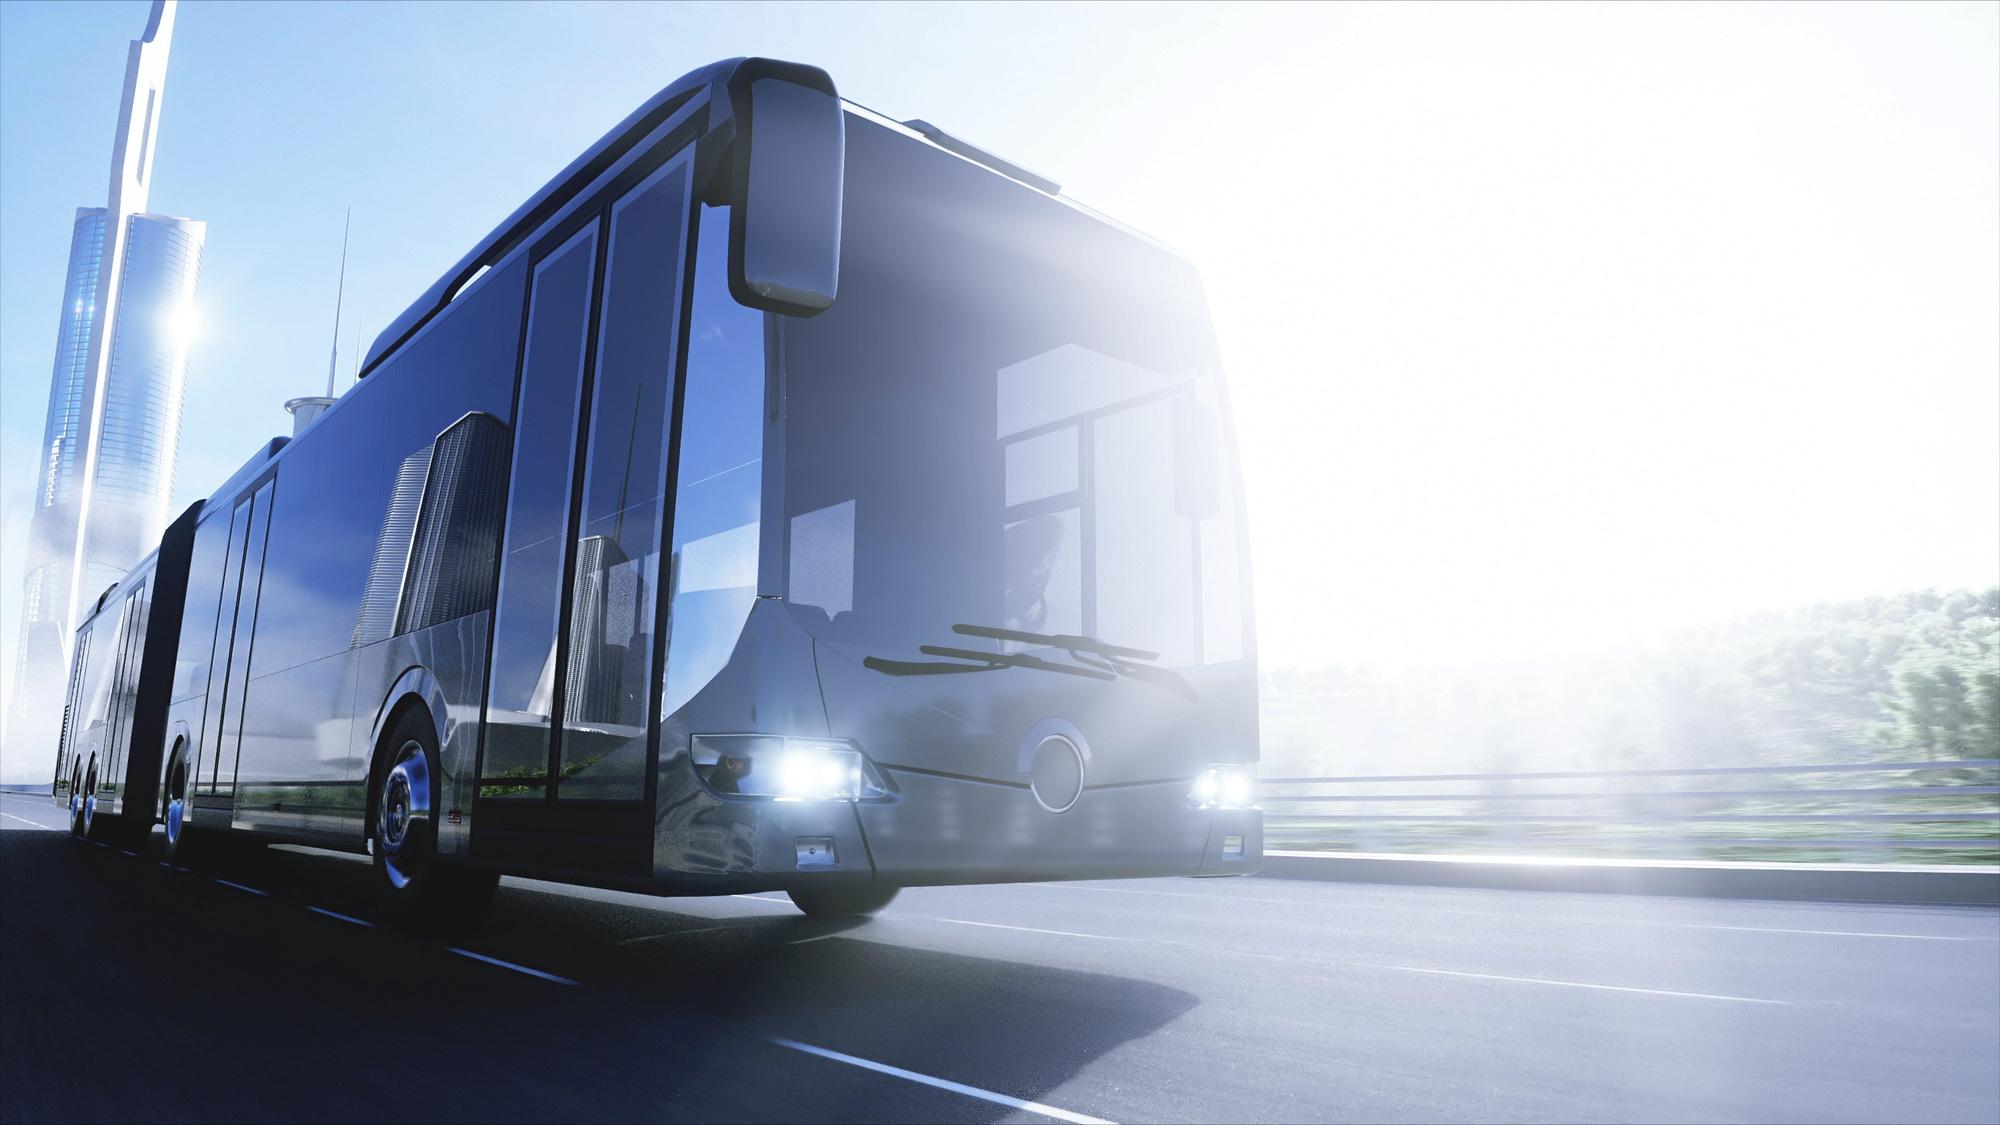 未来の旅客バスの写真です。